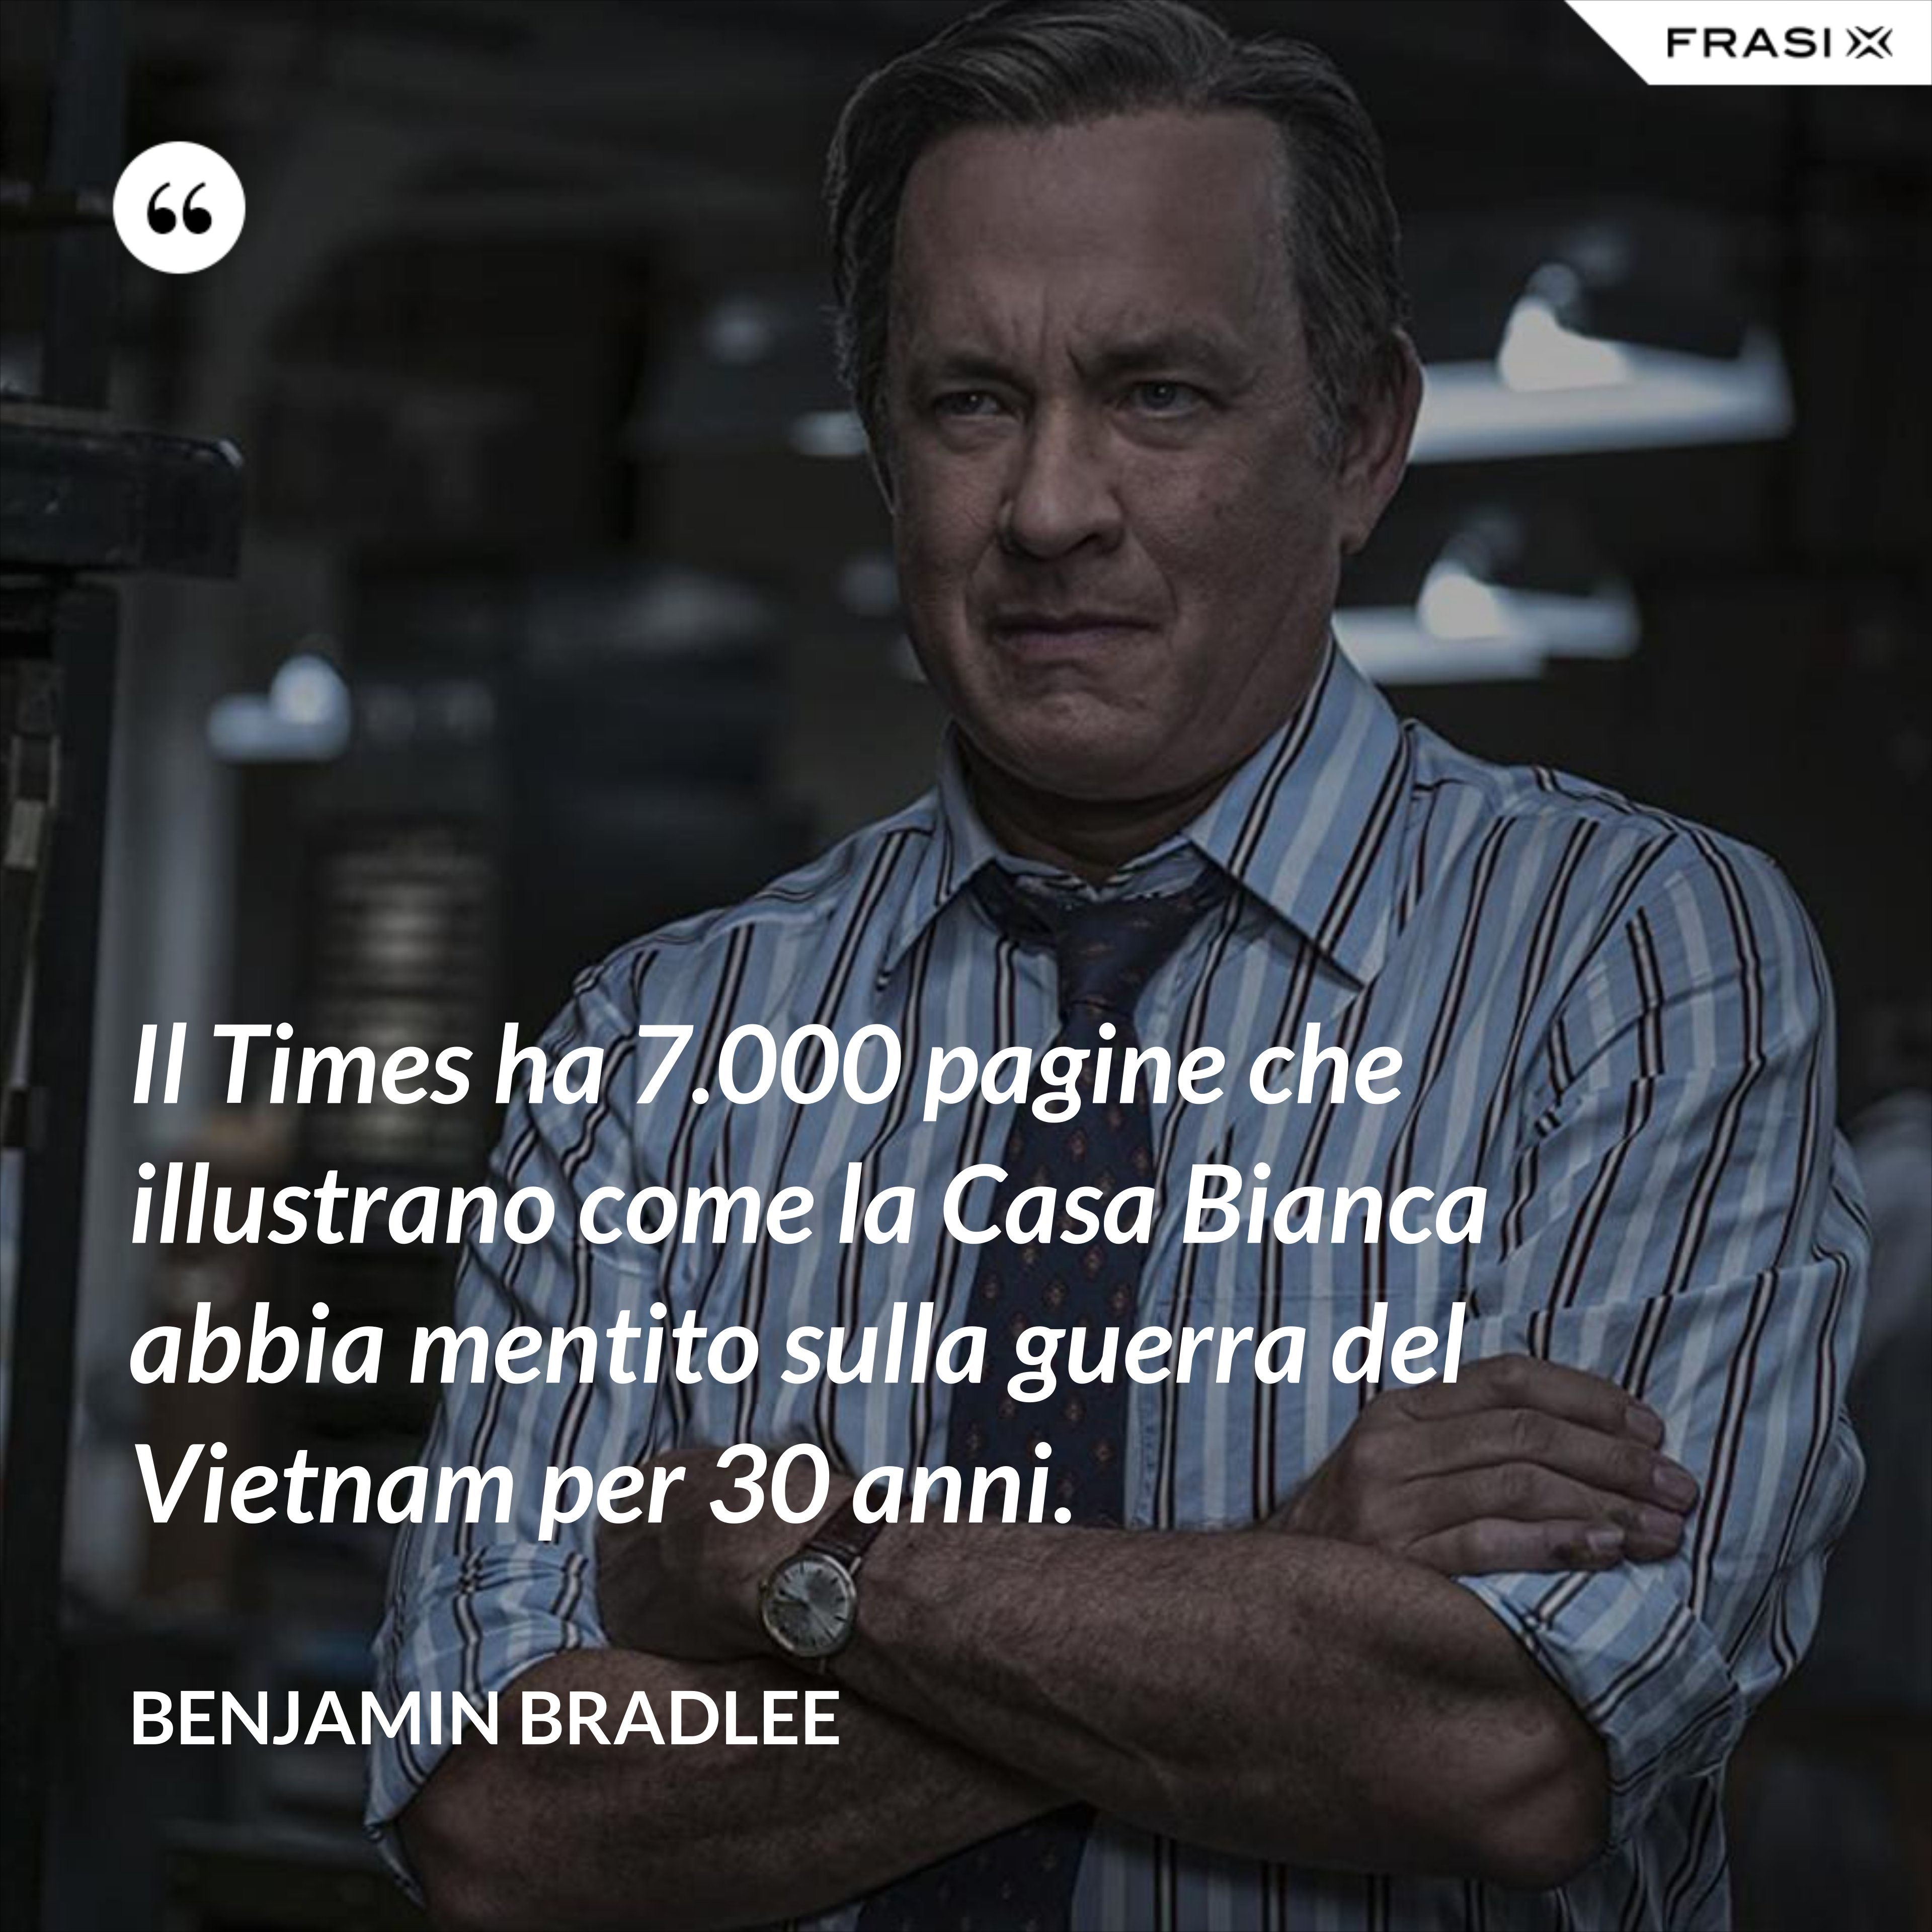 Il Times ha 7.000 pagine che illustrano come la Casa Bianca abbia mentito sulla guerra del Vietnam per 30 anni. - Benjamin Bradlee